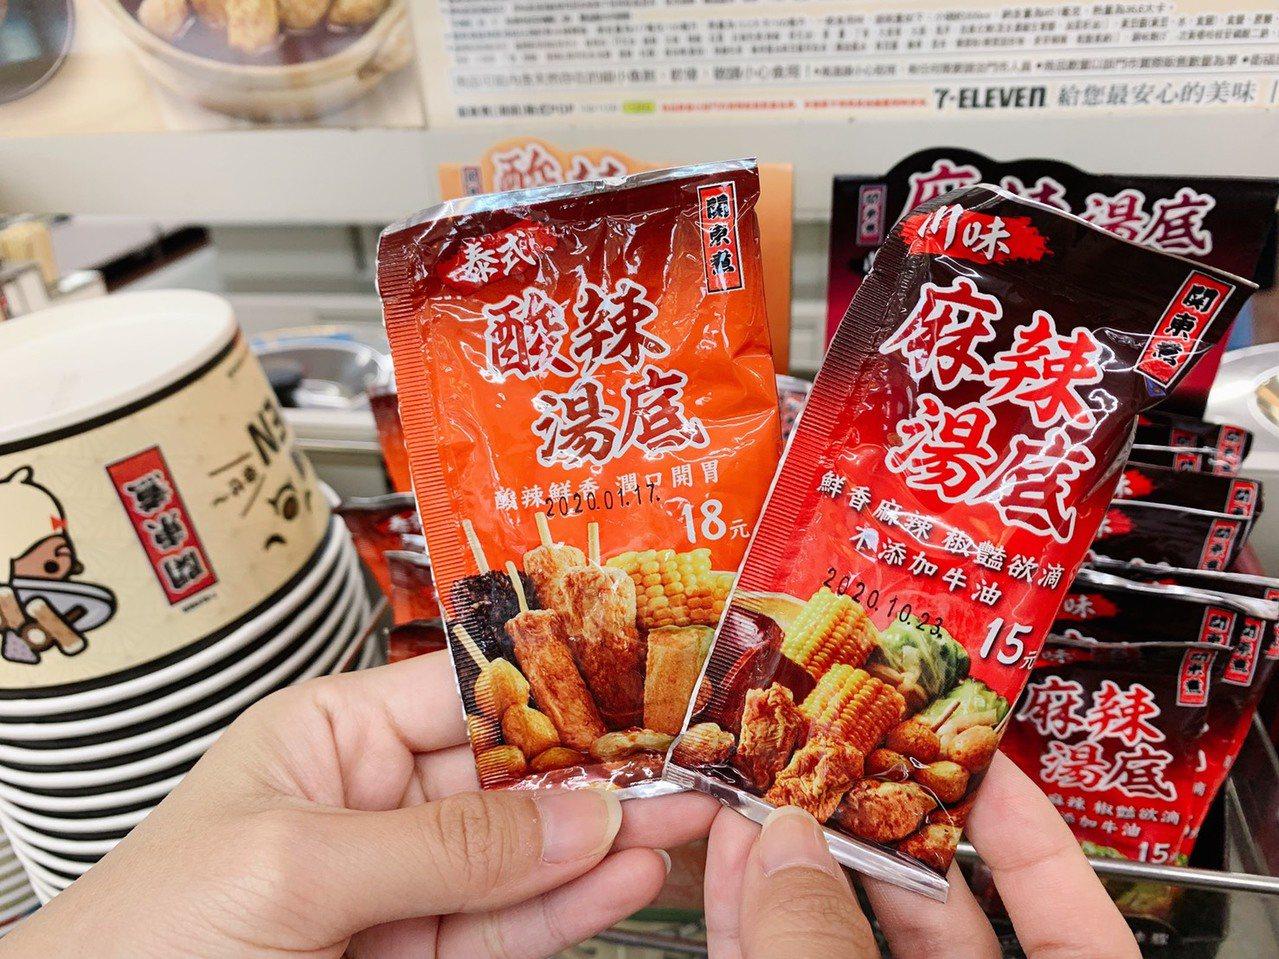 7-ELEVEN還有推出關東煮個人化湯底,可依個人喜好加入自己購買的關東煮高湯中...